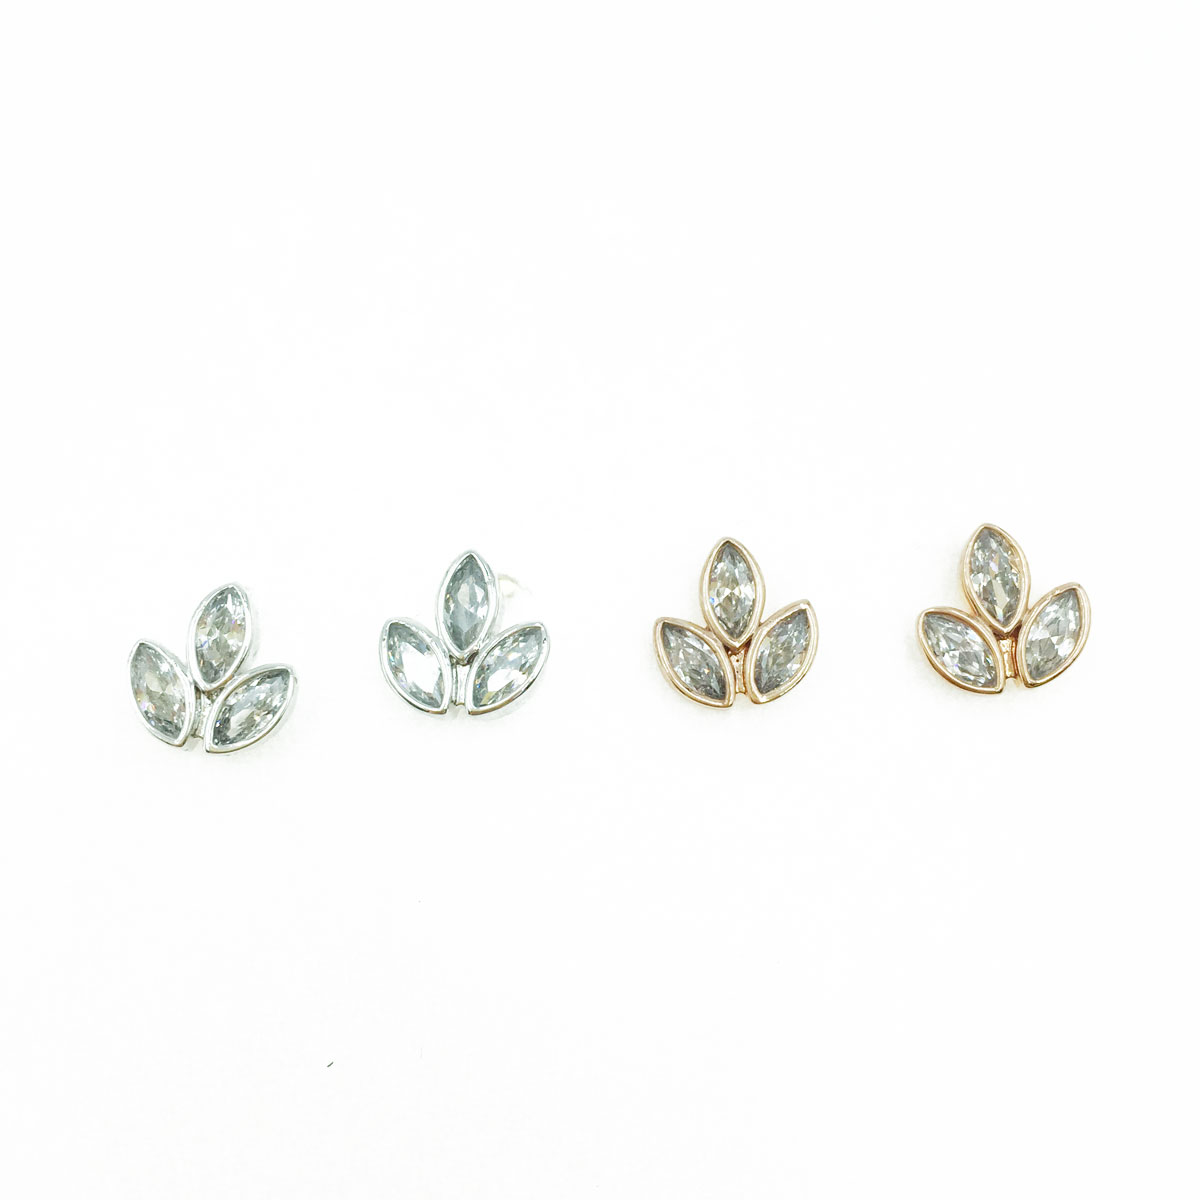 韓國 925純銀 水鑽 葉子 造型 銀 玫瑰金 耳針式耳環